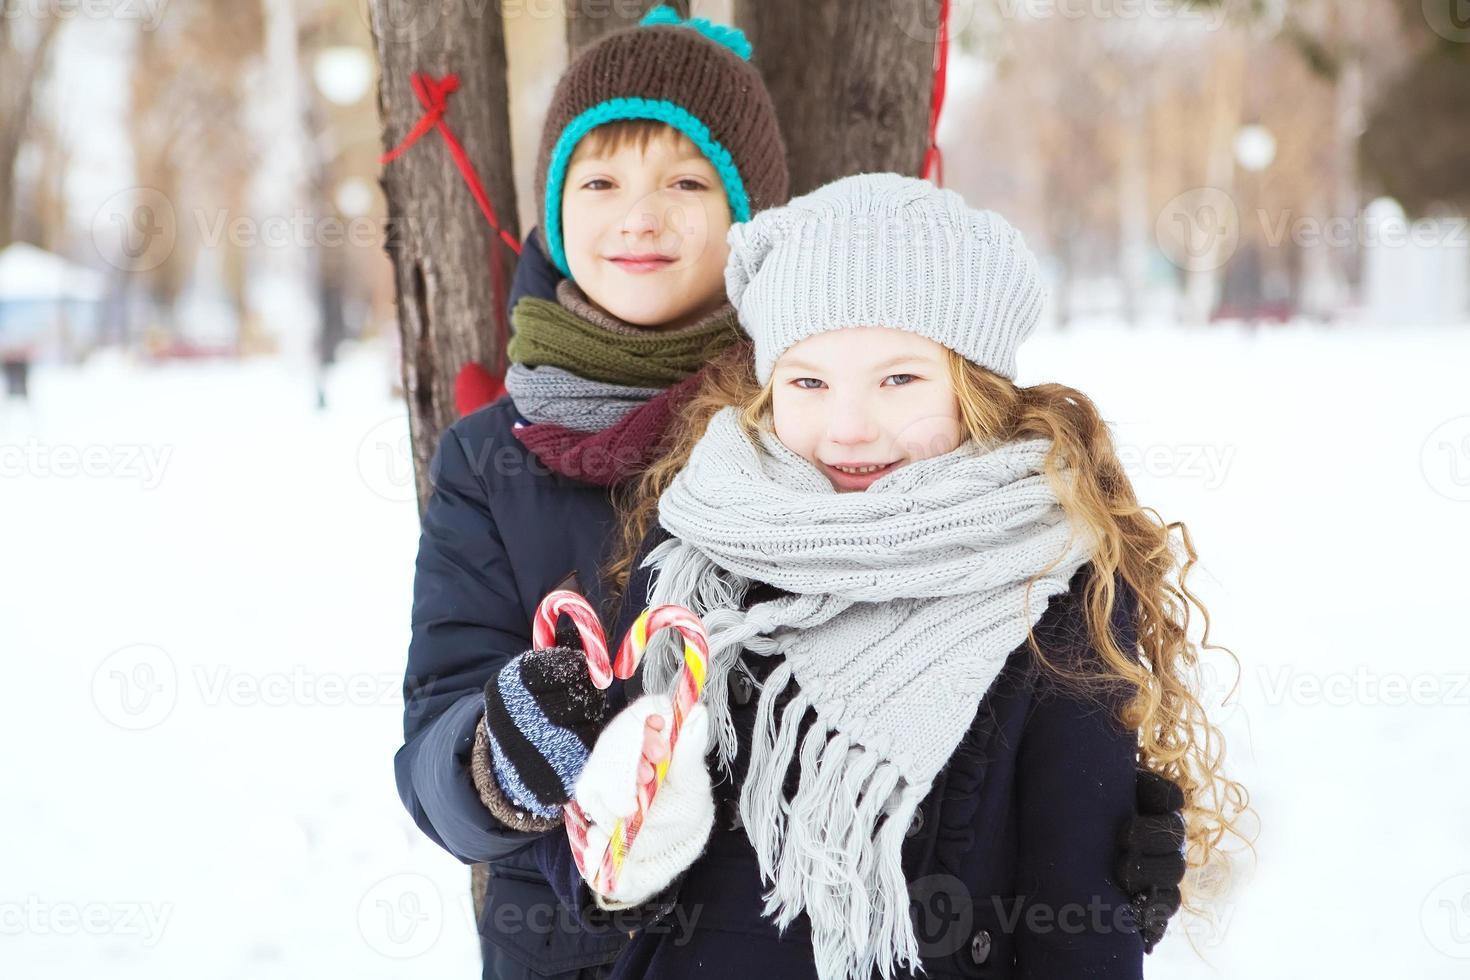 bambini e ragazze giocavano insieme. foto